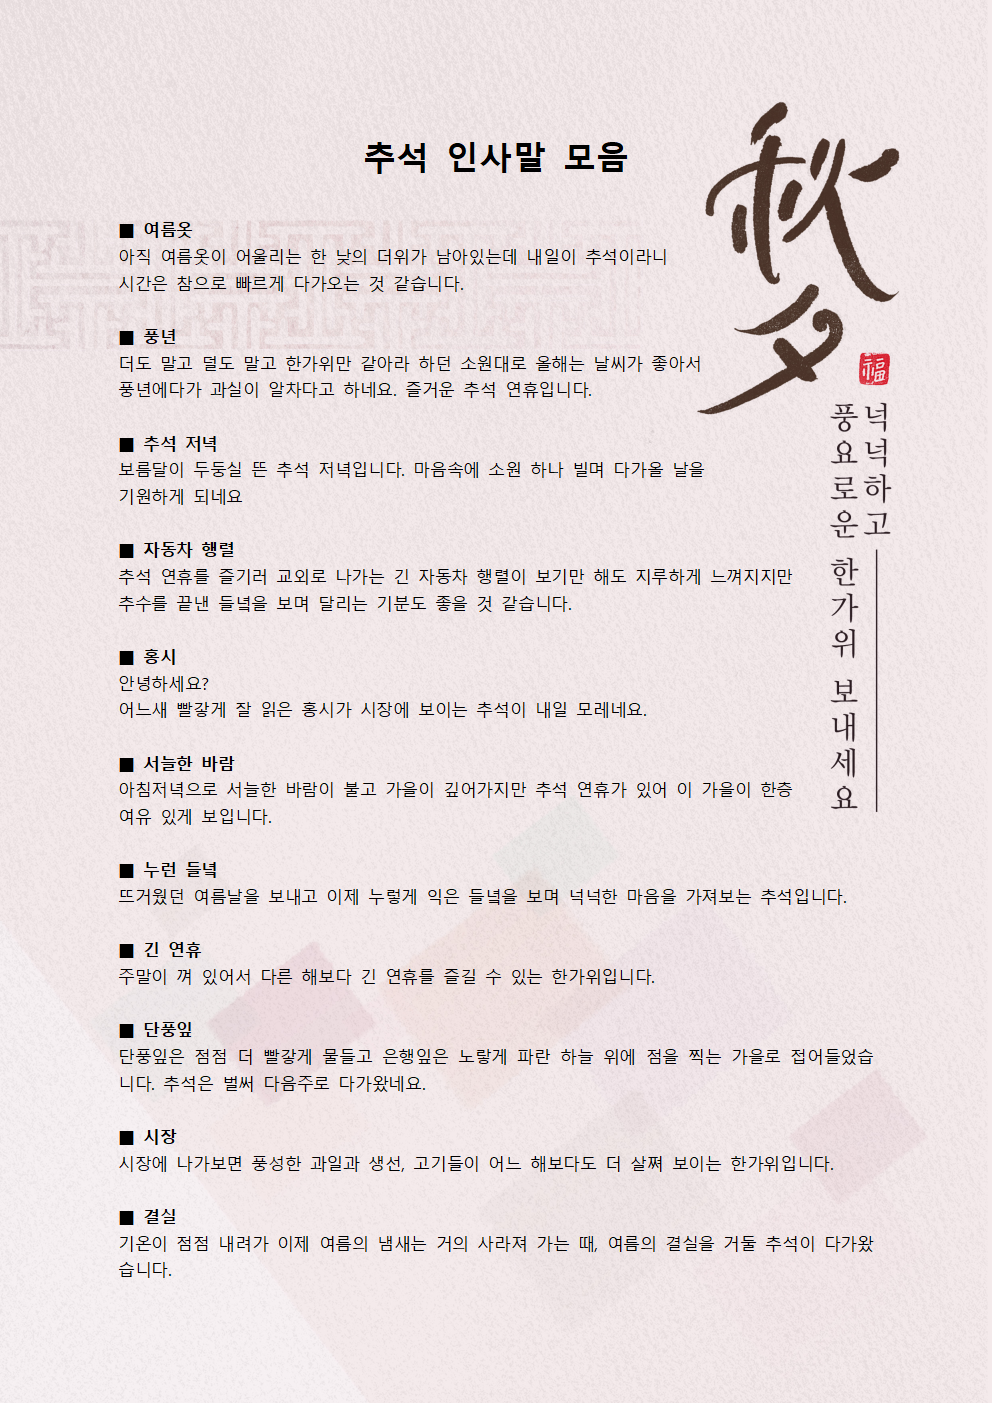 [2021년] 추석 인사말 모음-미리보기 1page